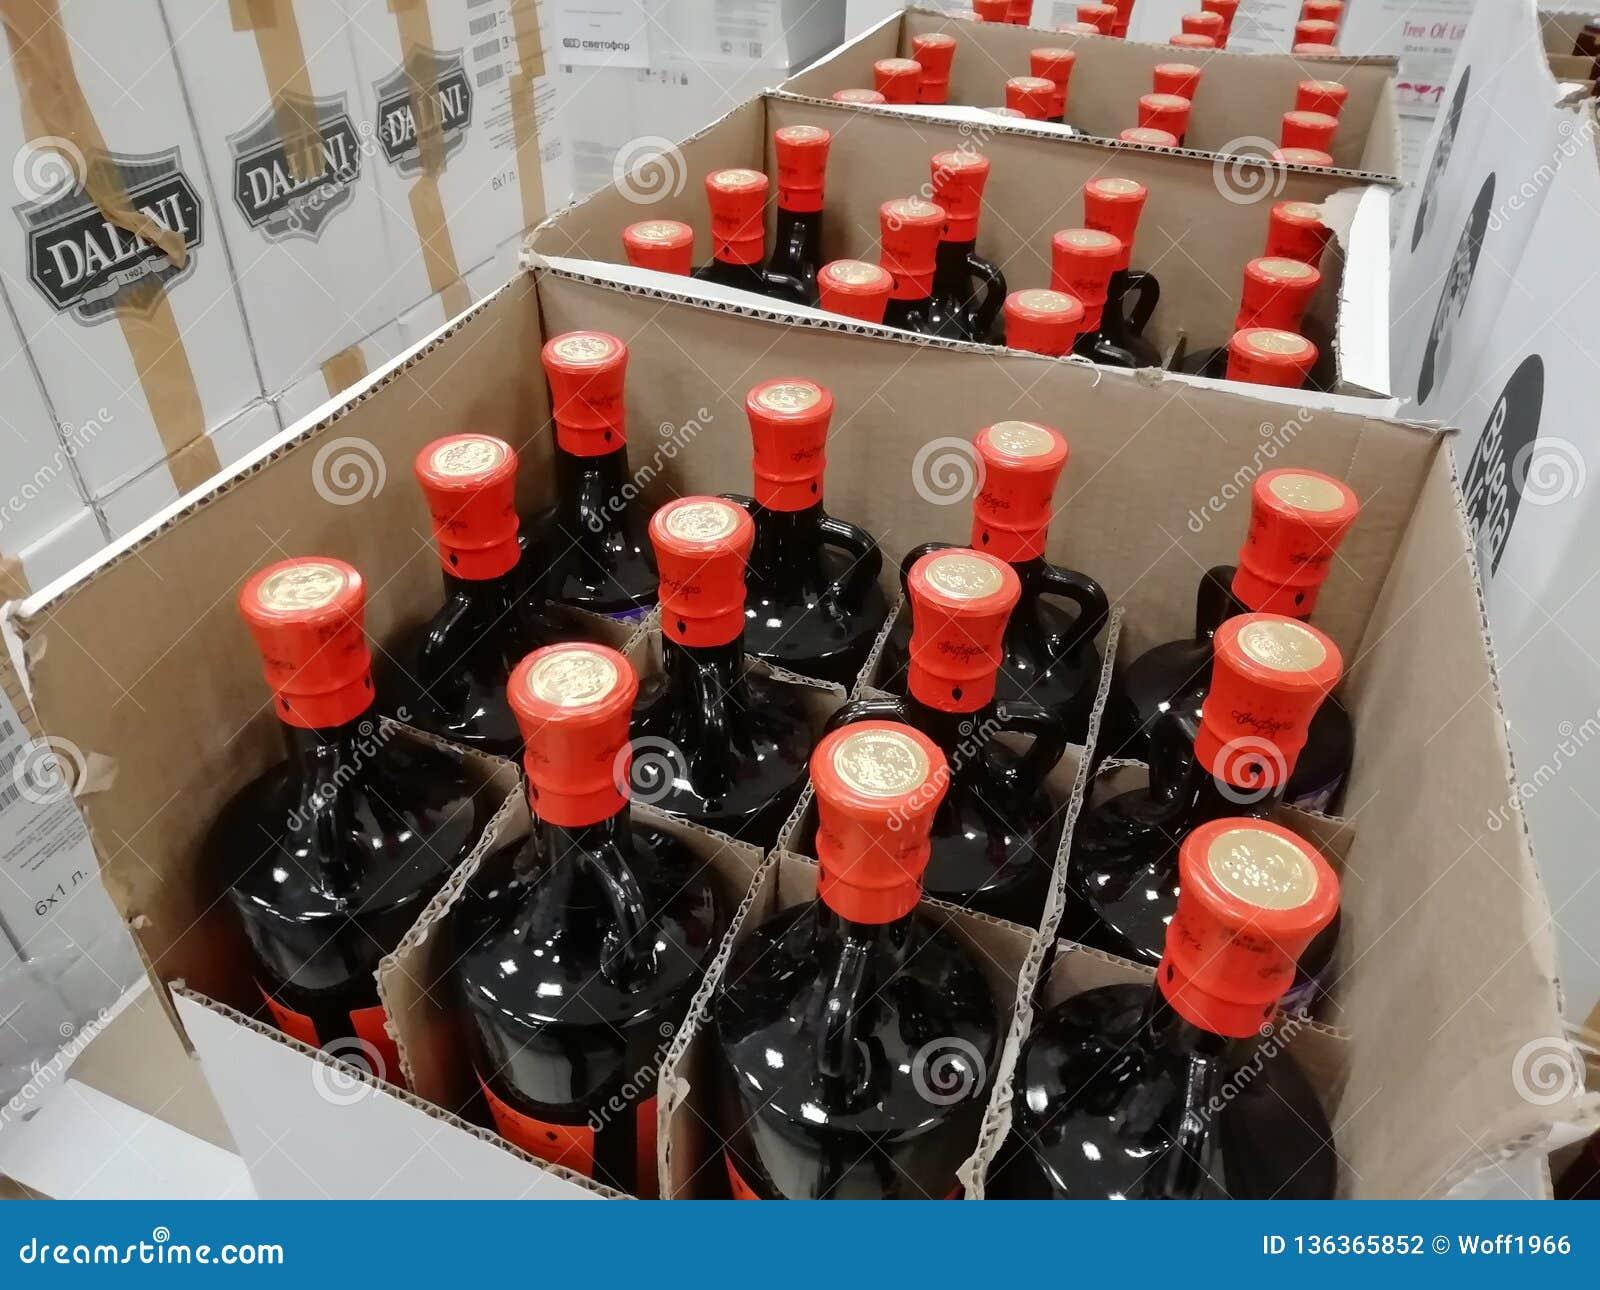 ΡΩΣΙΑ, URAL - ΤΟ ΔΕΚΈΜΒΡΙΟ ΤΟΥ 2018, μπουκάλια γυαλιού, διάφορα μπουκάλια σε ένα κιβώτιο, πώληση εκκαθάρισης, closeout, πώληση συ